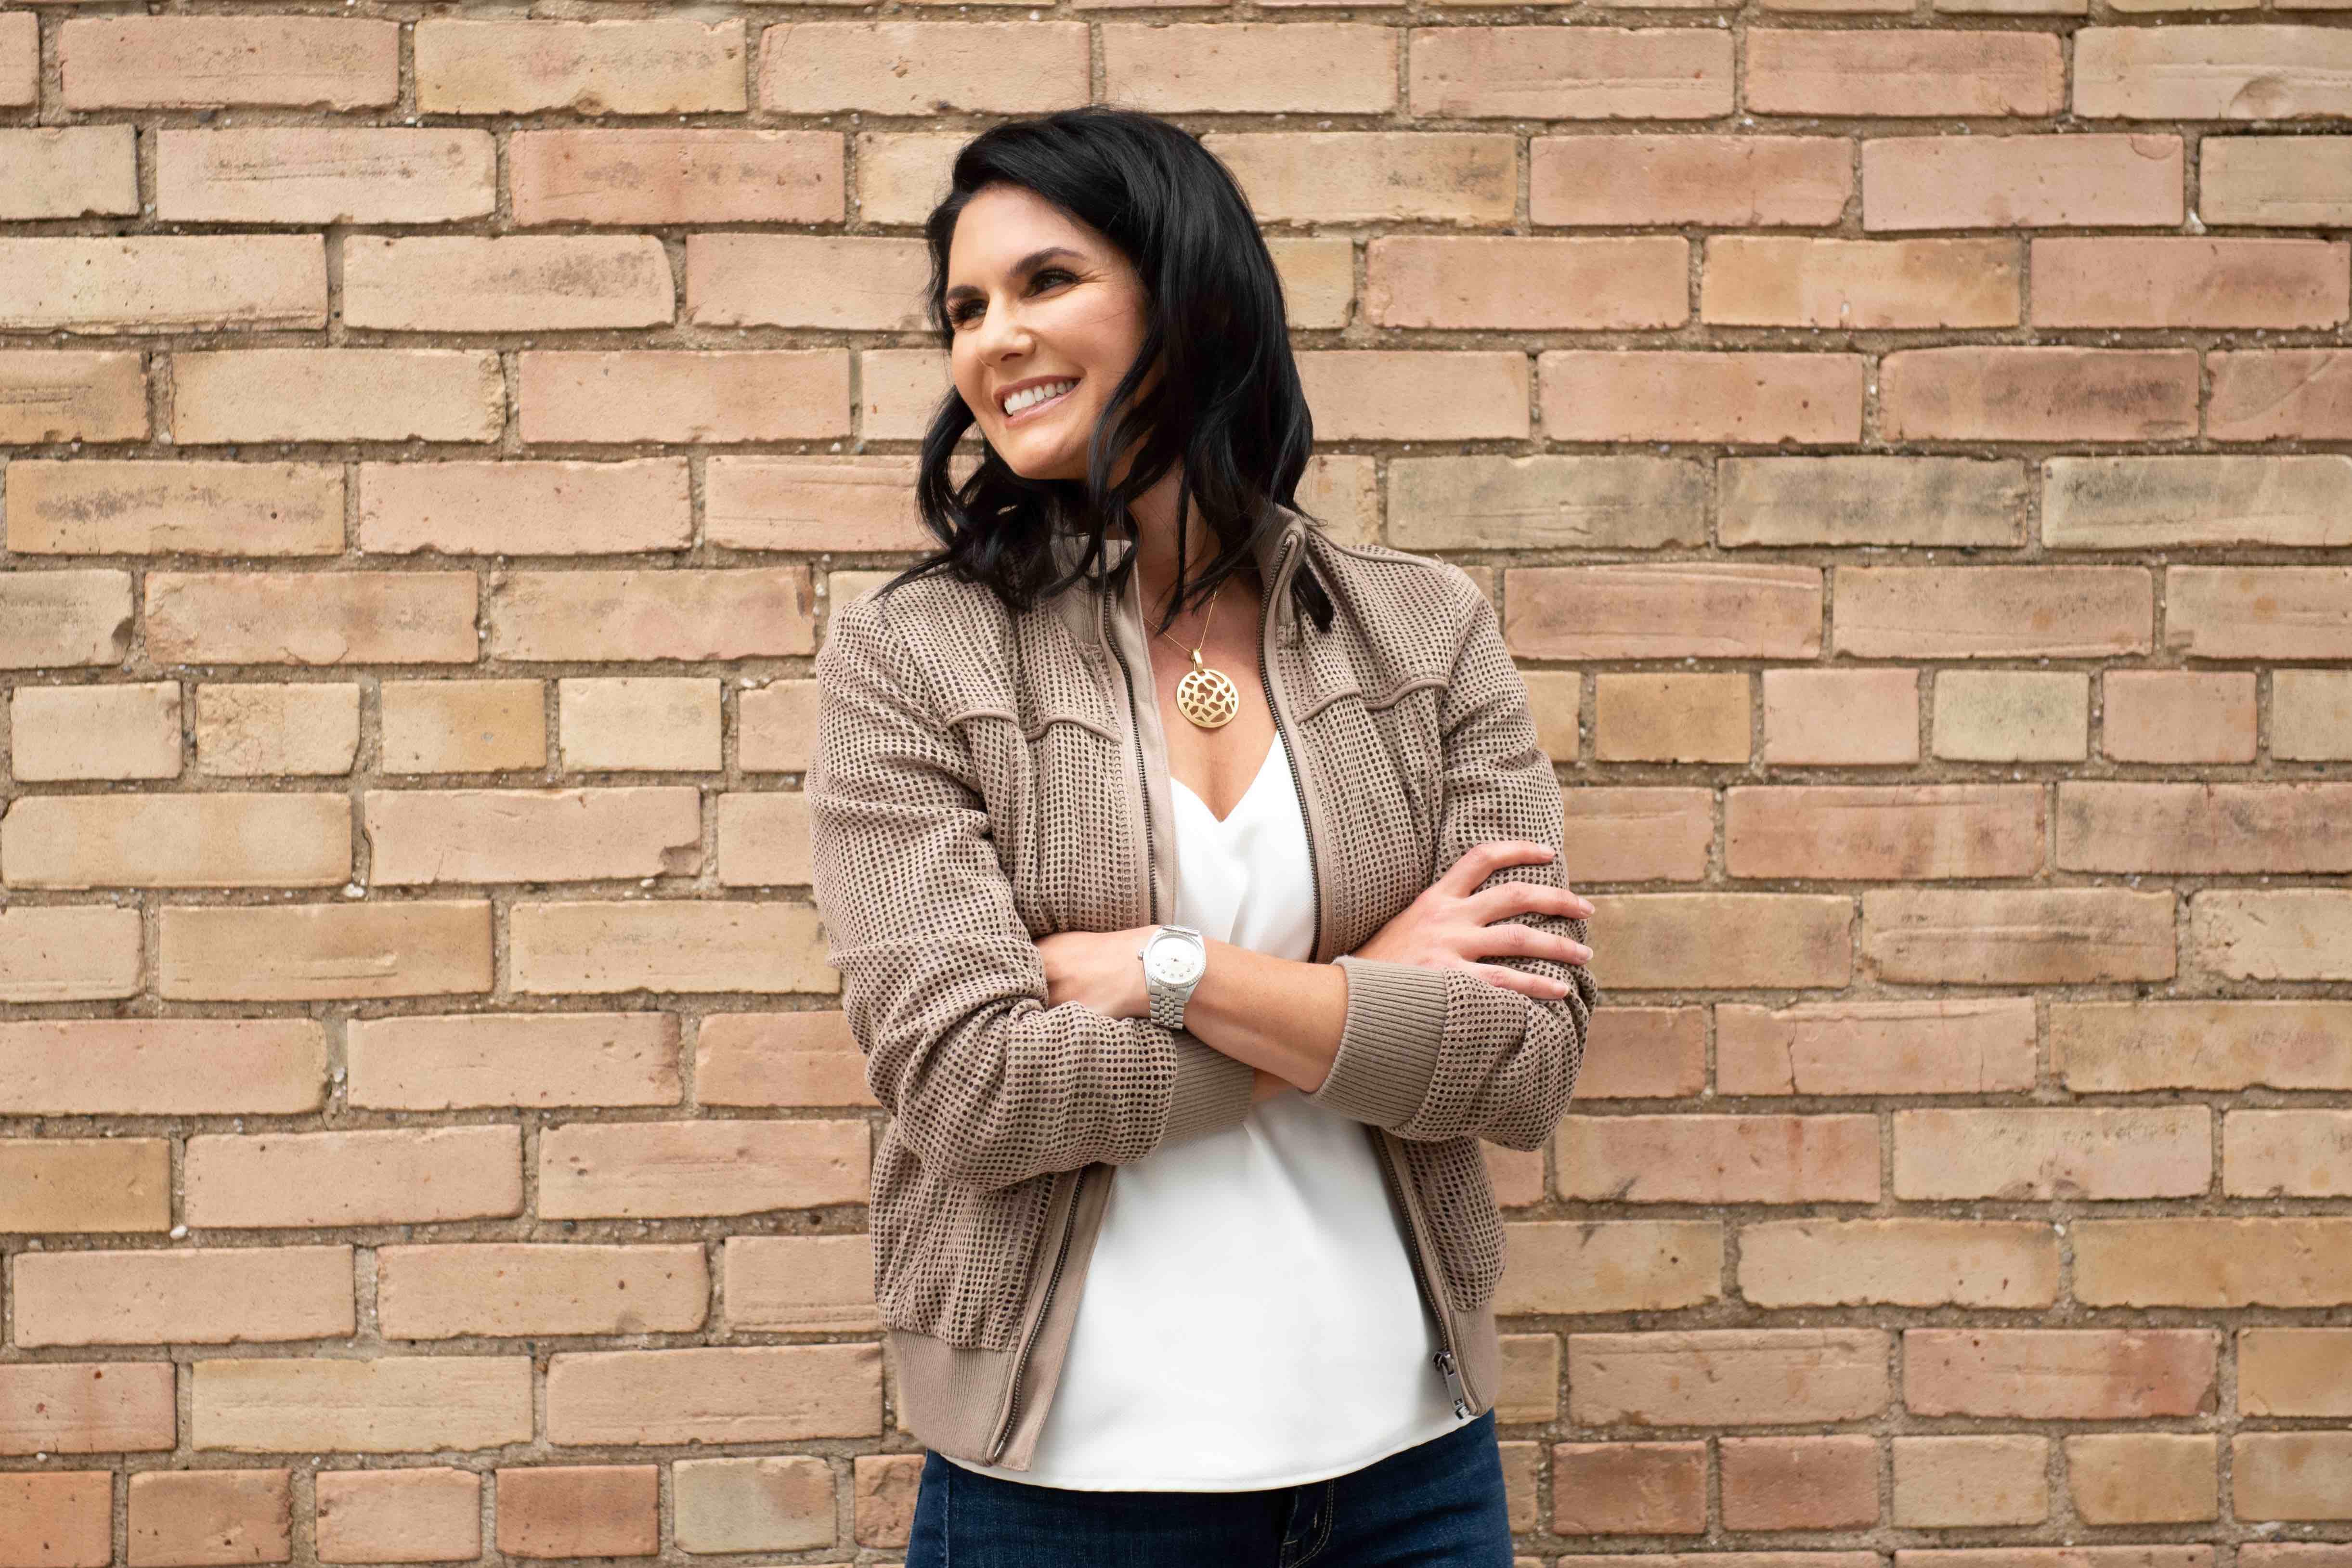 Ami Wellness founder Triniti Gawthrop